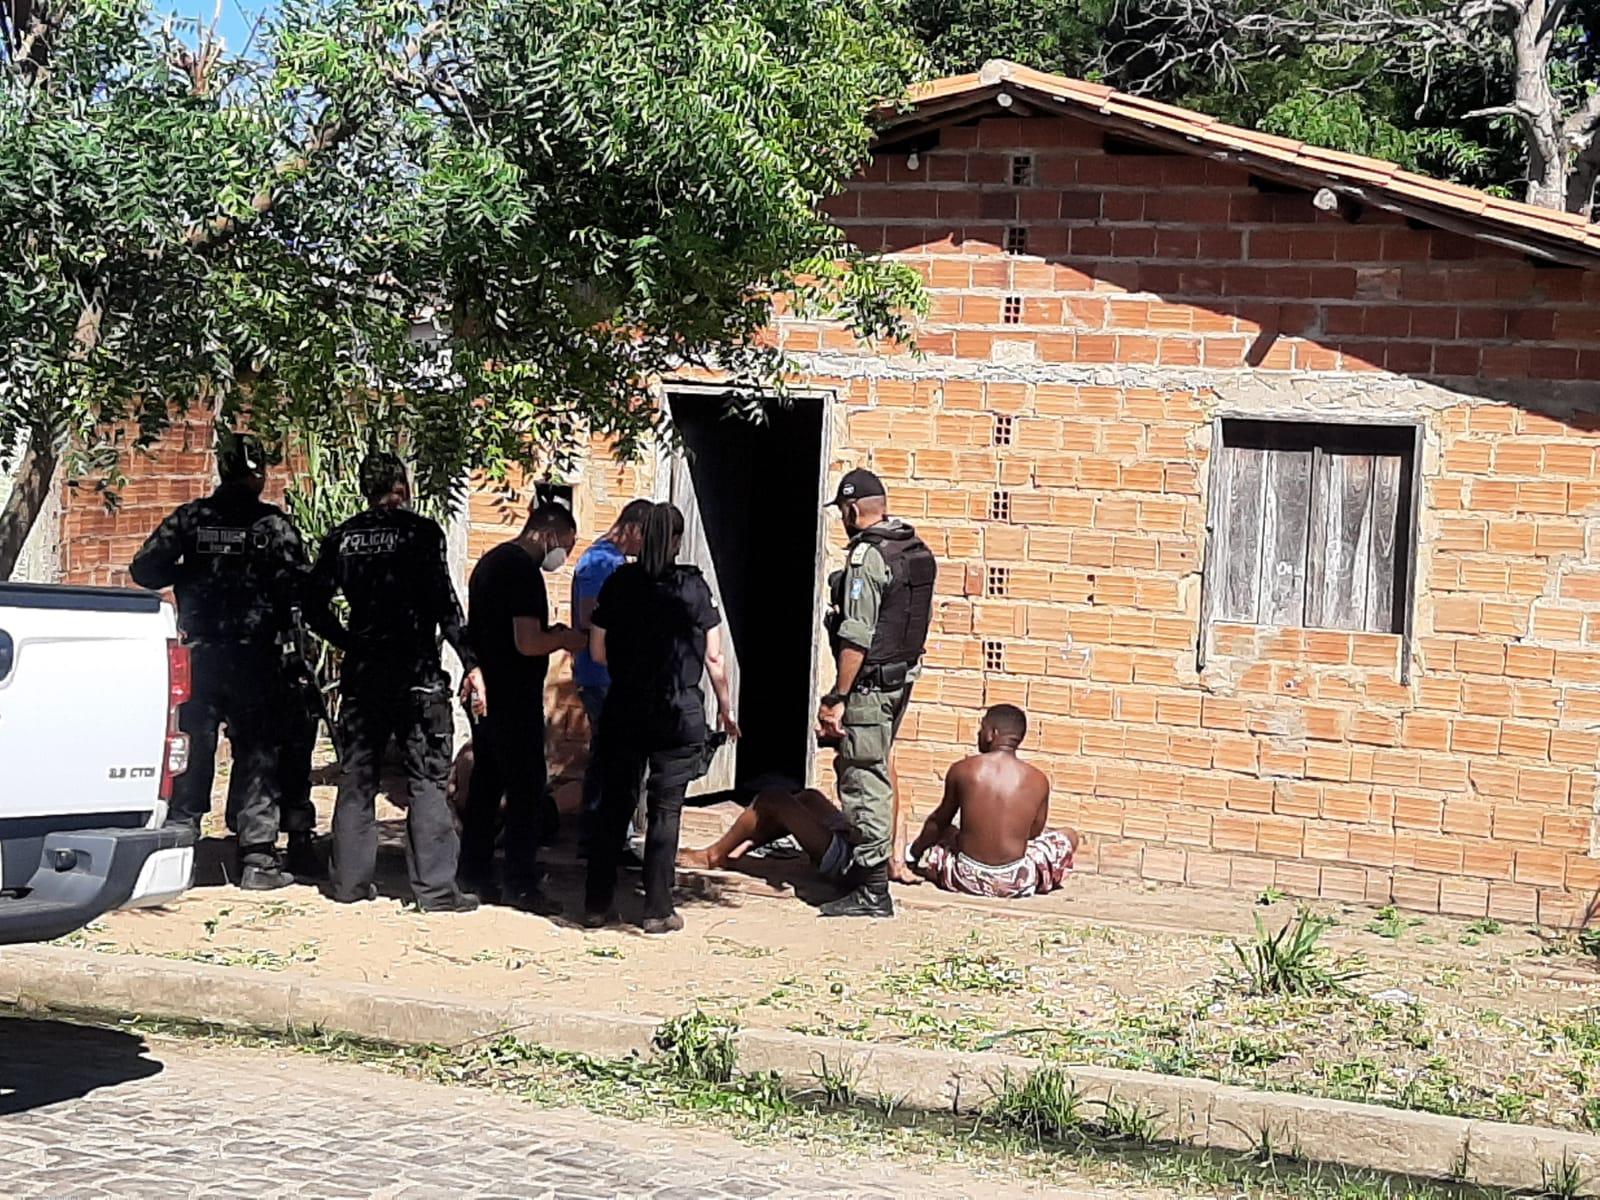 Dois homens foram presos e dois apreendidos na ação - Foto: Divulgação/Polícia Civil